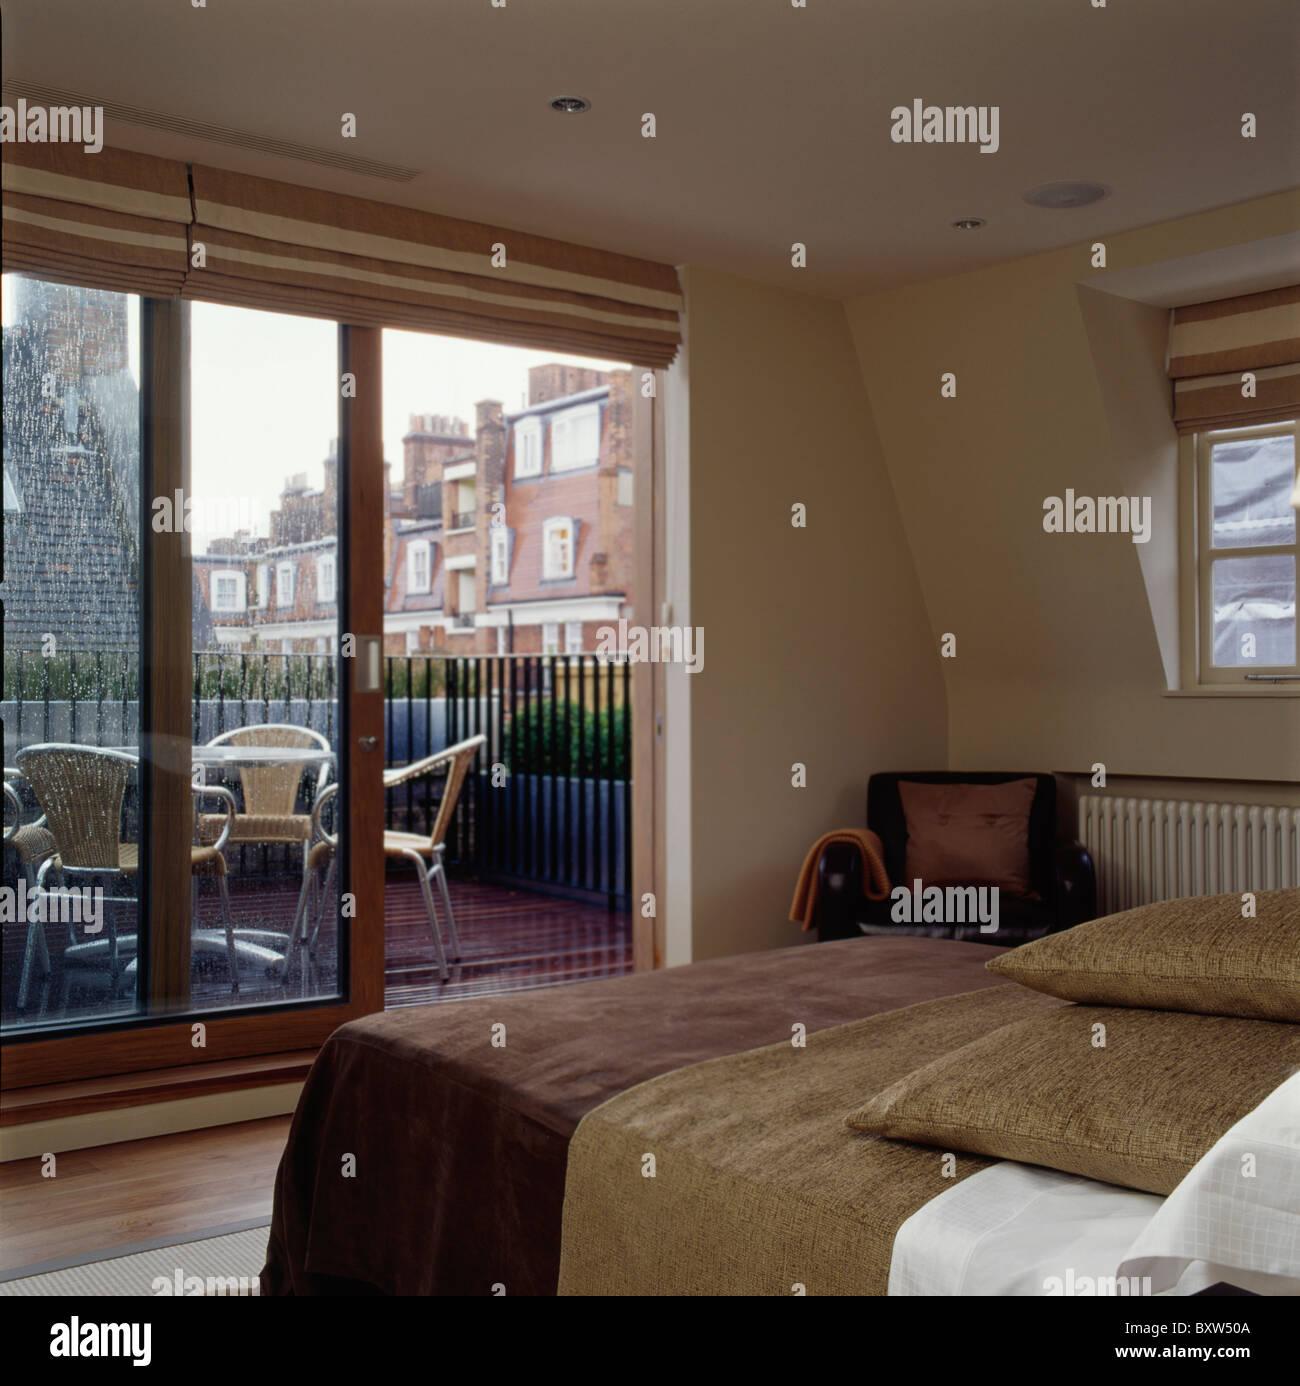 Kleine Moderne Dachgeschossausbau Schlafzimmer Mit Beige Jalousien An  Terrassentüren Auf Dachterrasse